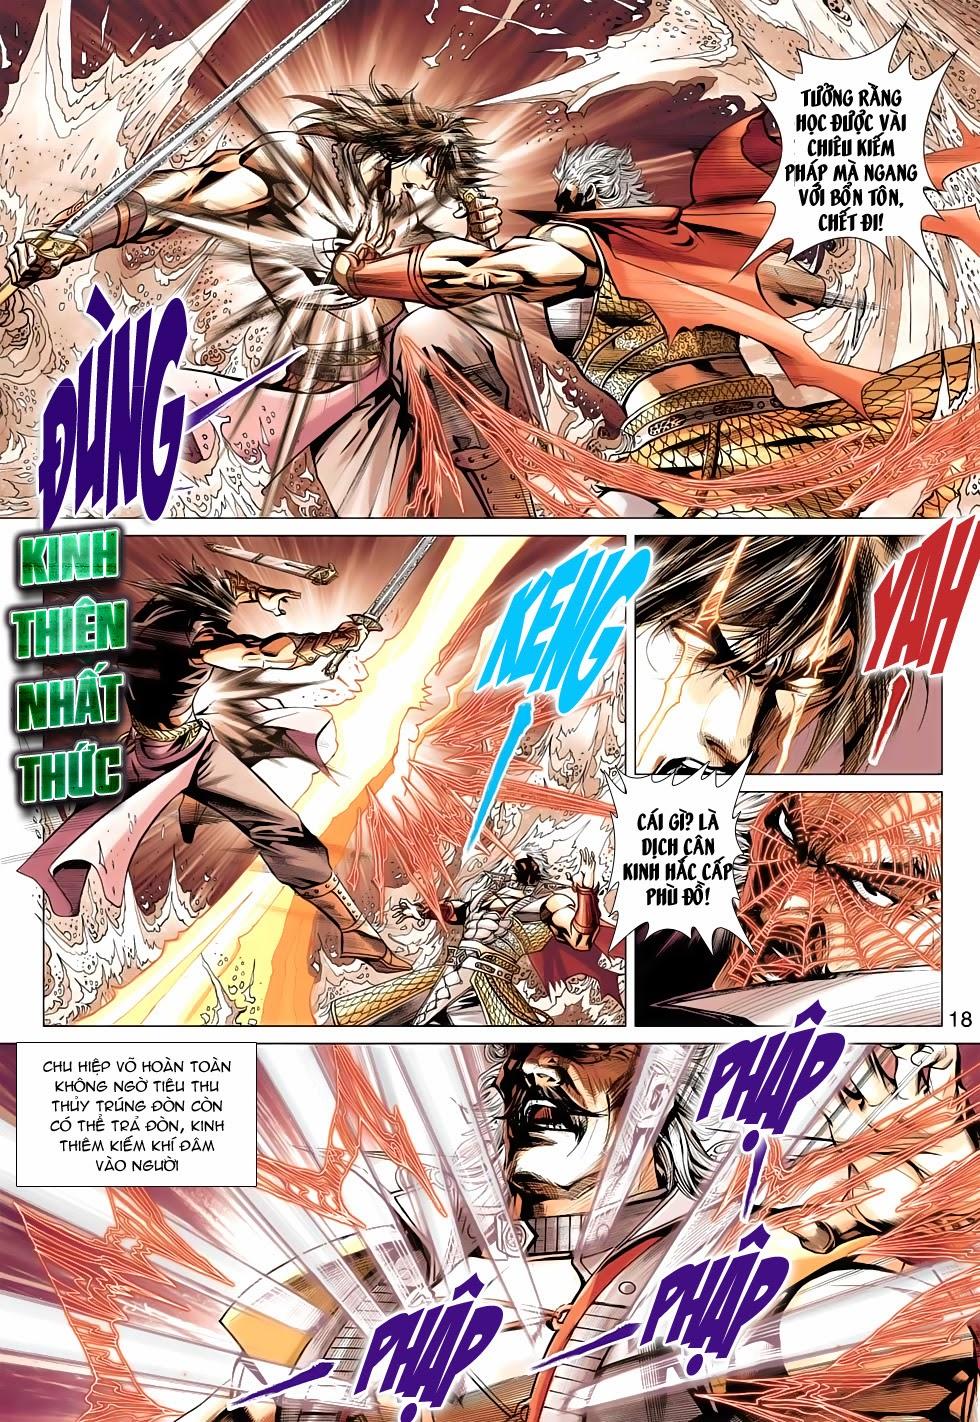 Thần Châu Kỳ Hiệp chap 32 – End Trang 18 - Mangak.info